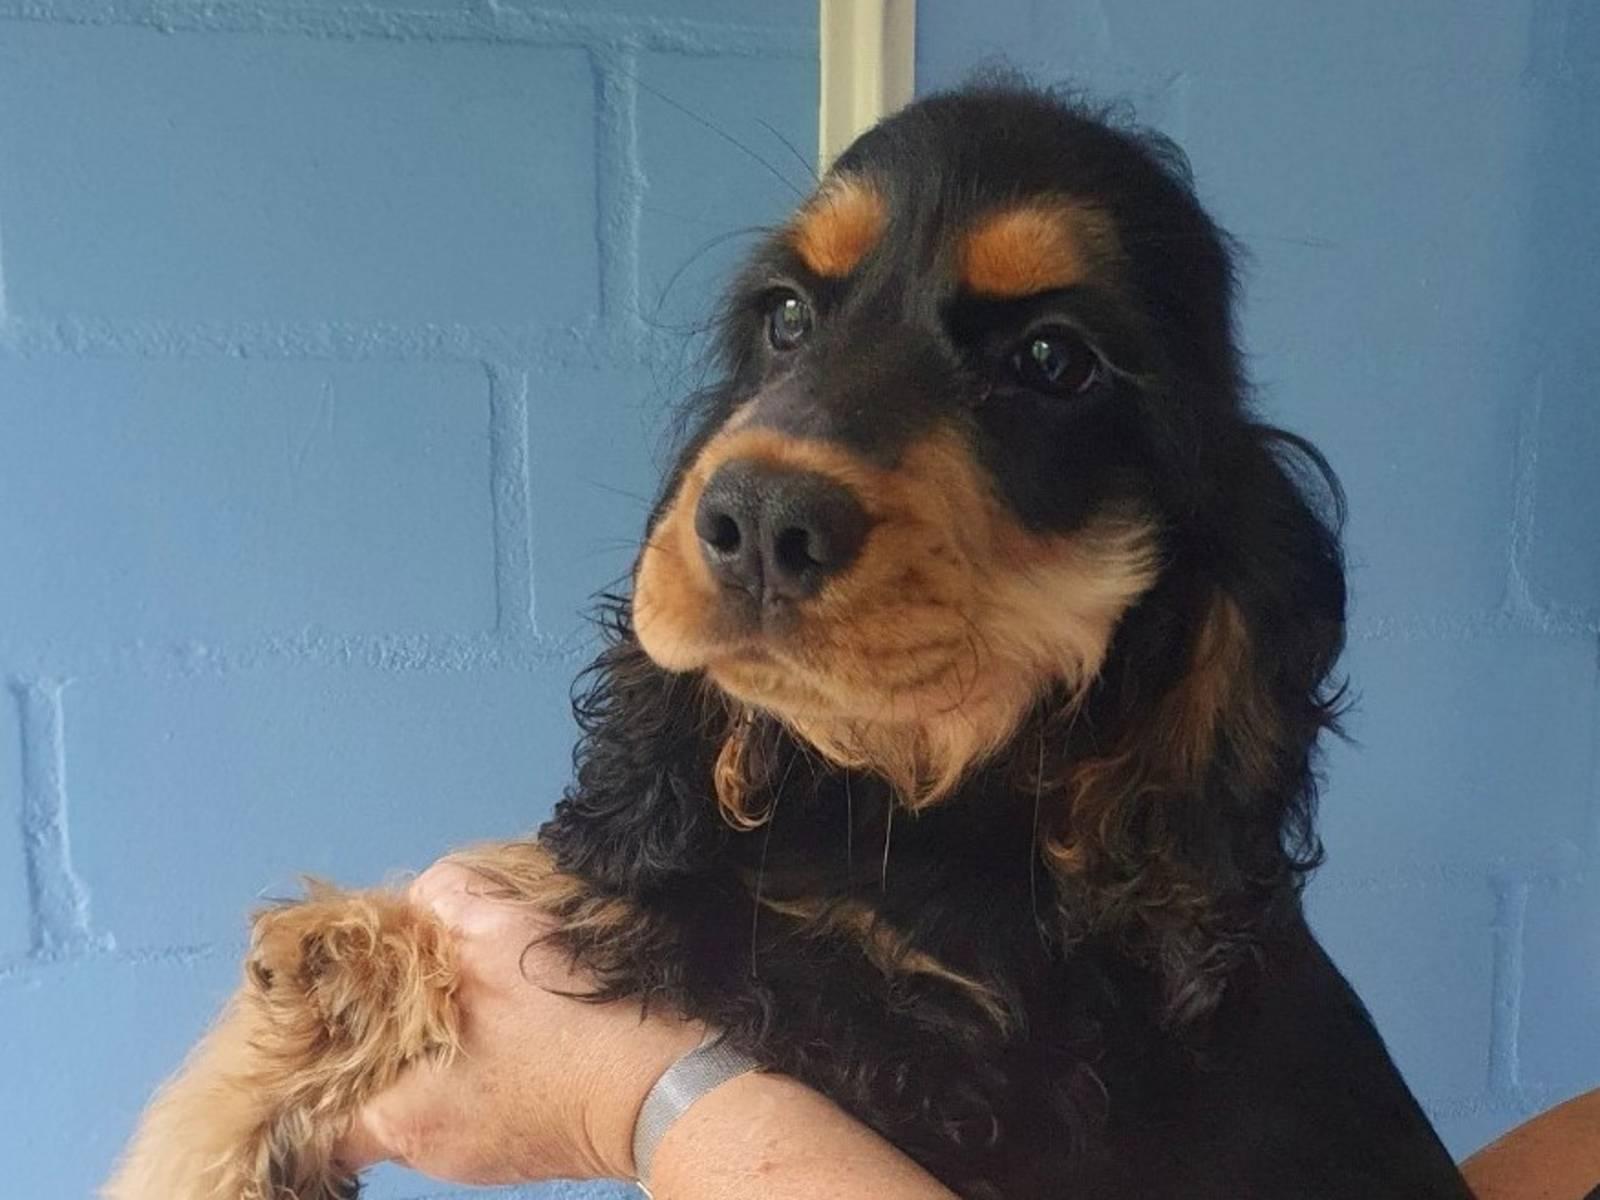 Schwarz-brauner Hund auf dem Arm einer Person